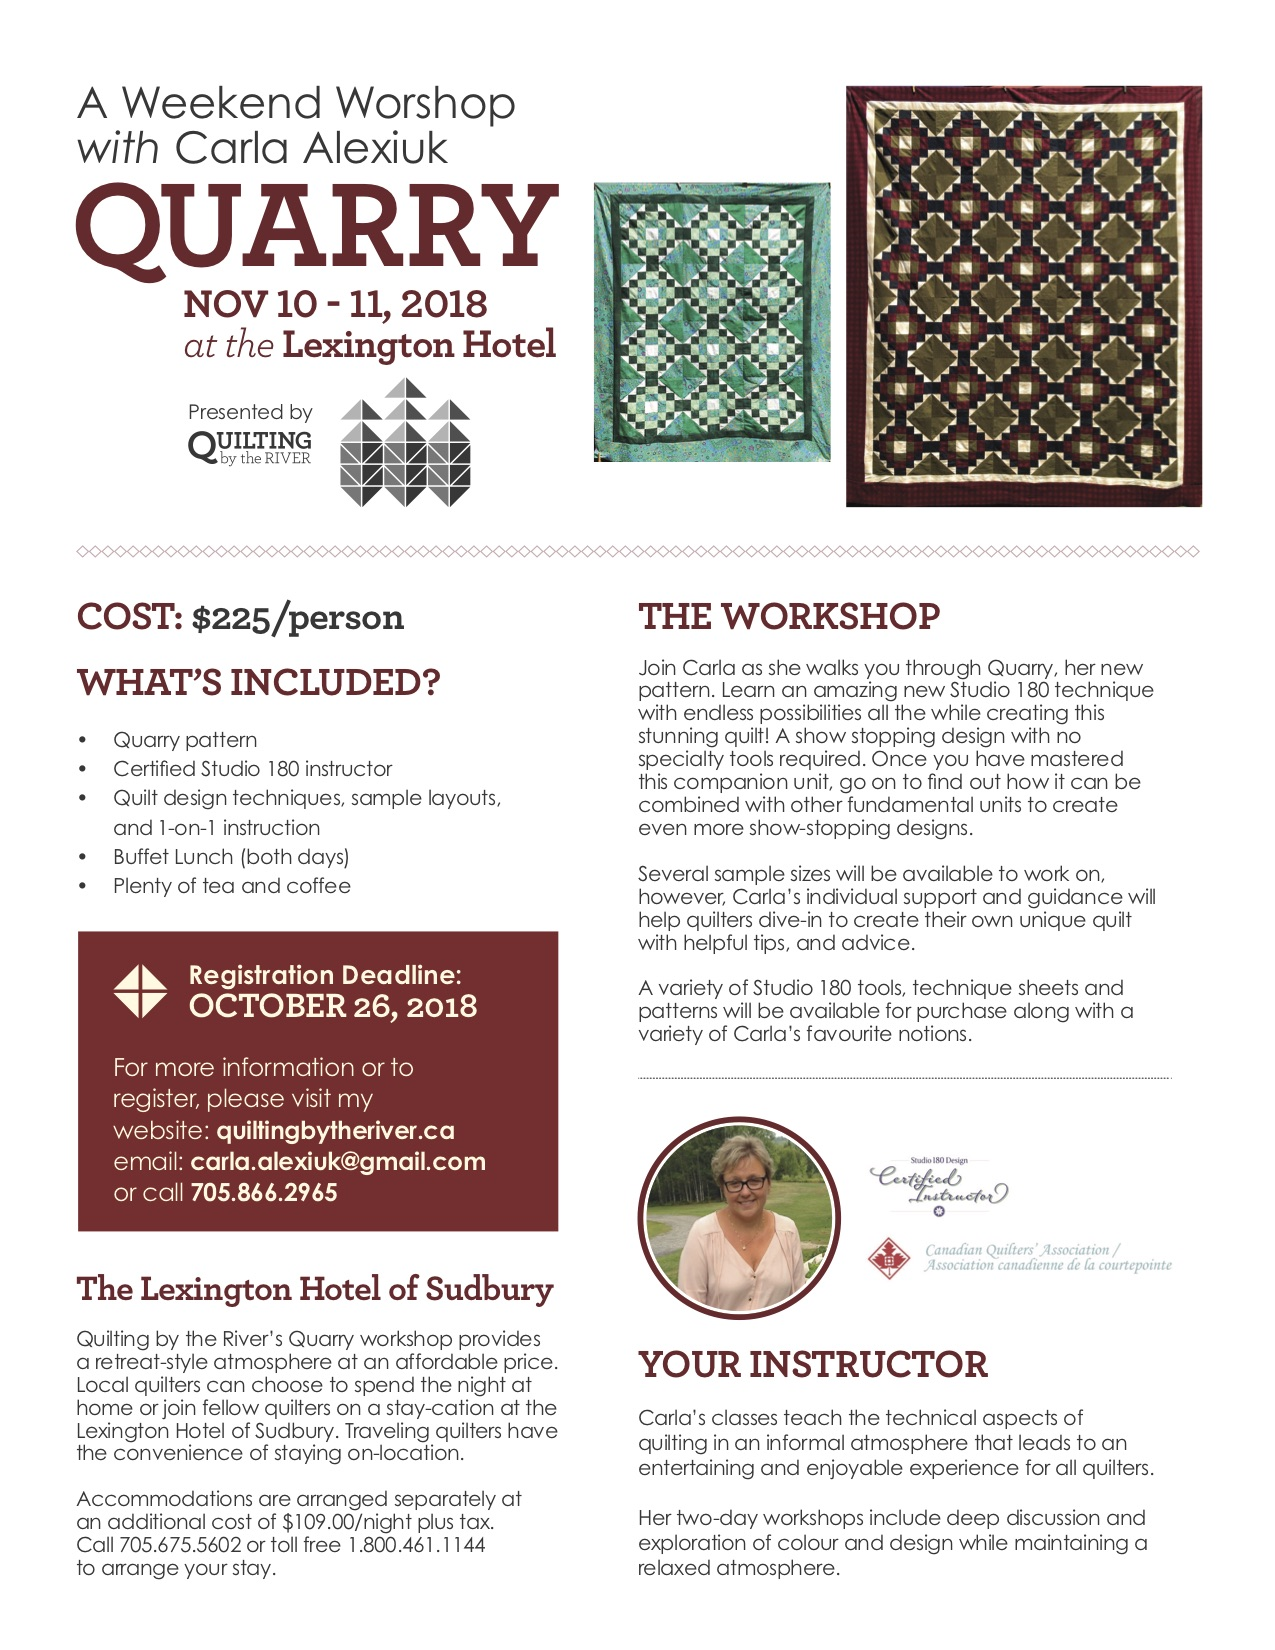 QuarryWorkshopPoster_8.5x10_revised4.jpg